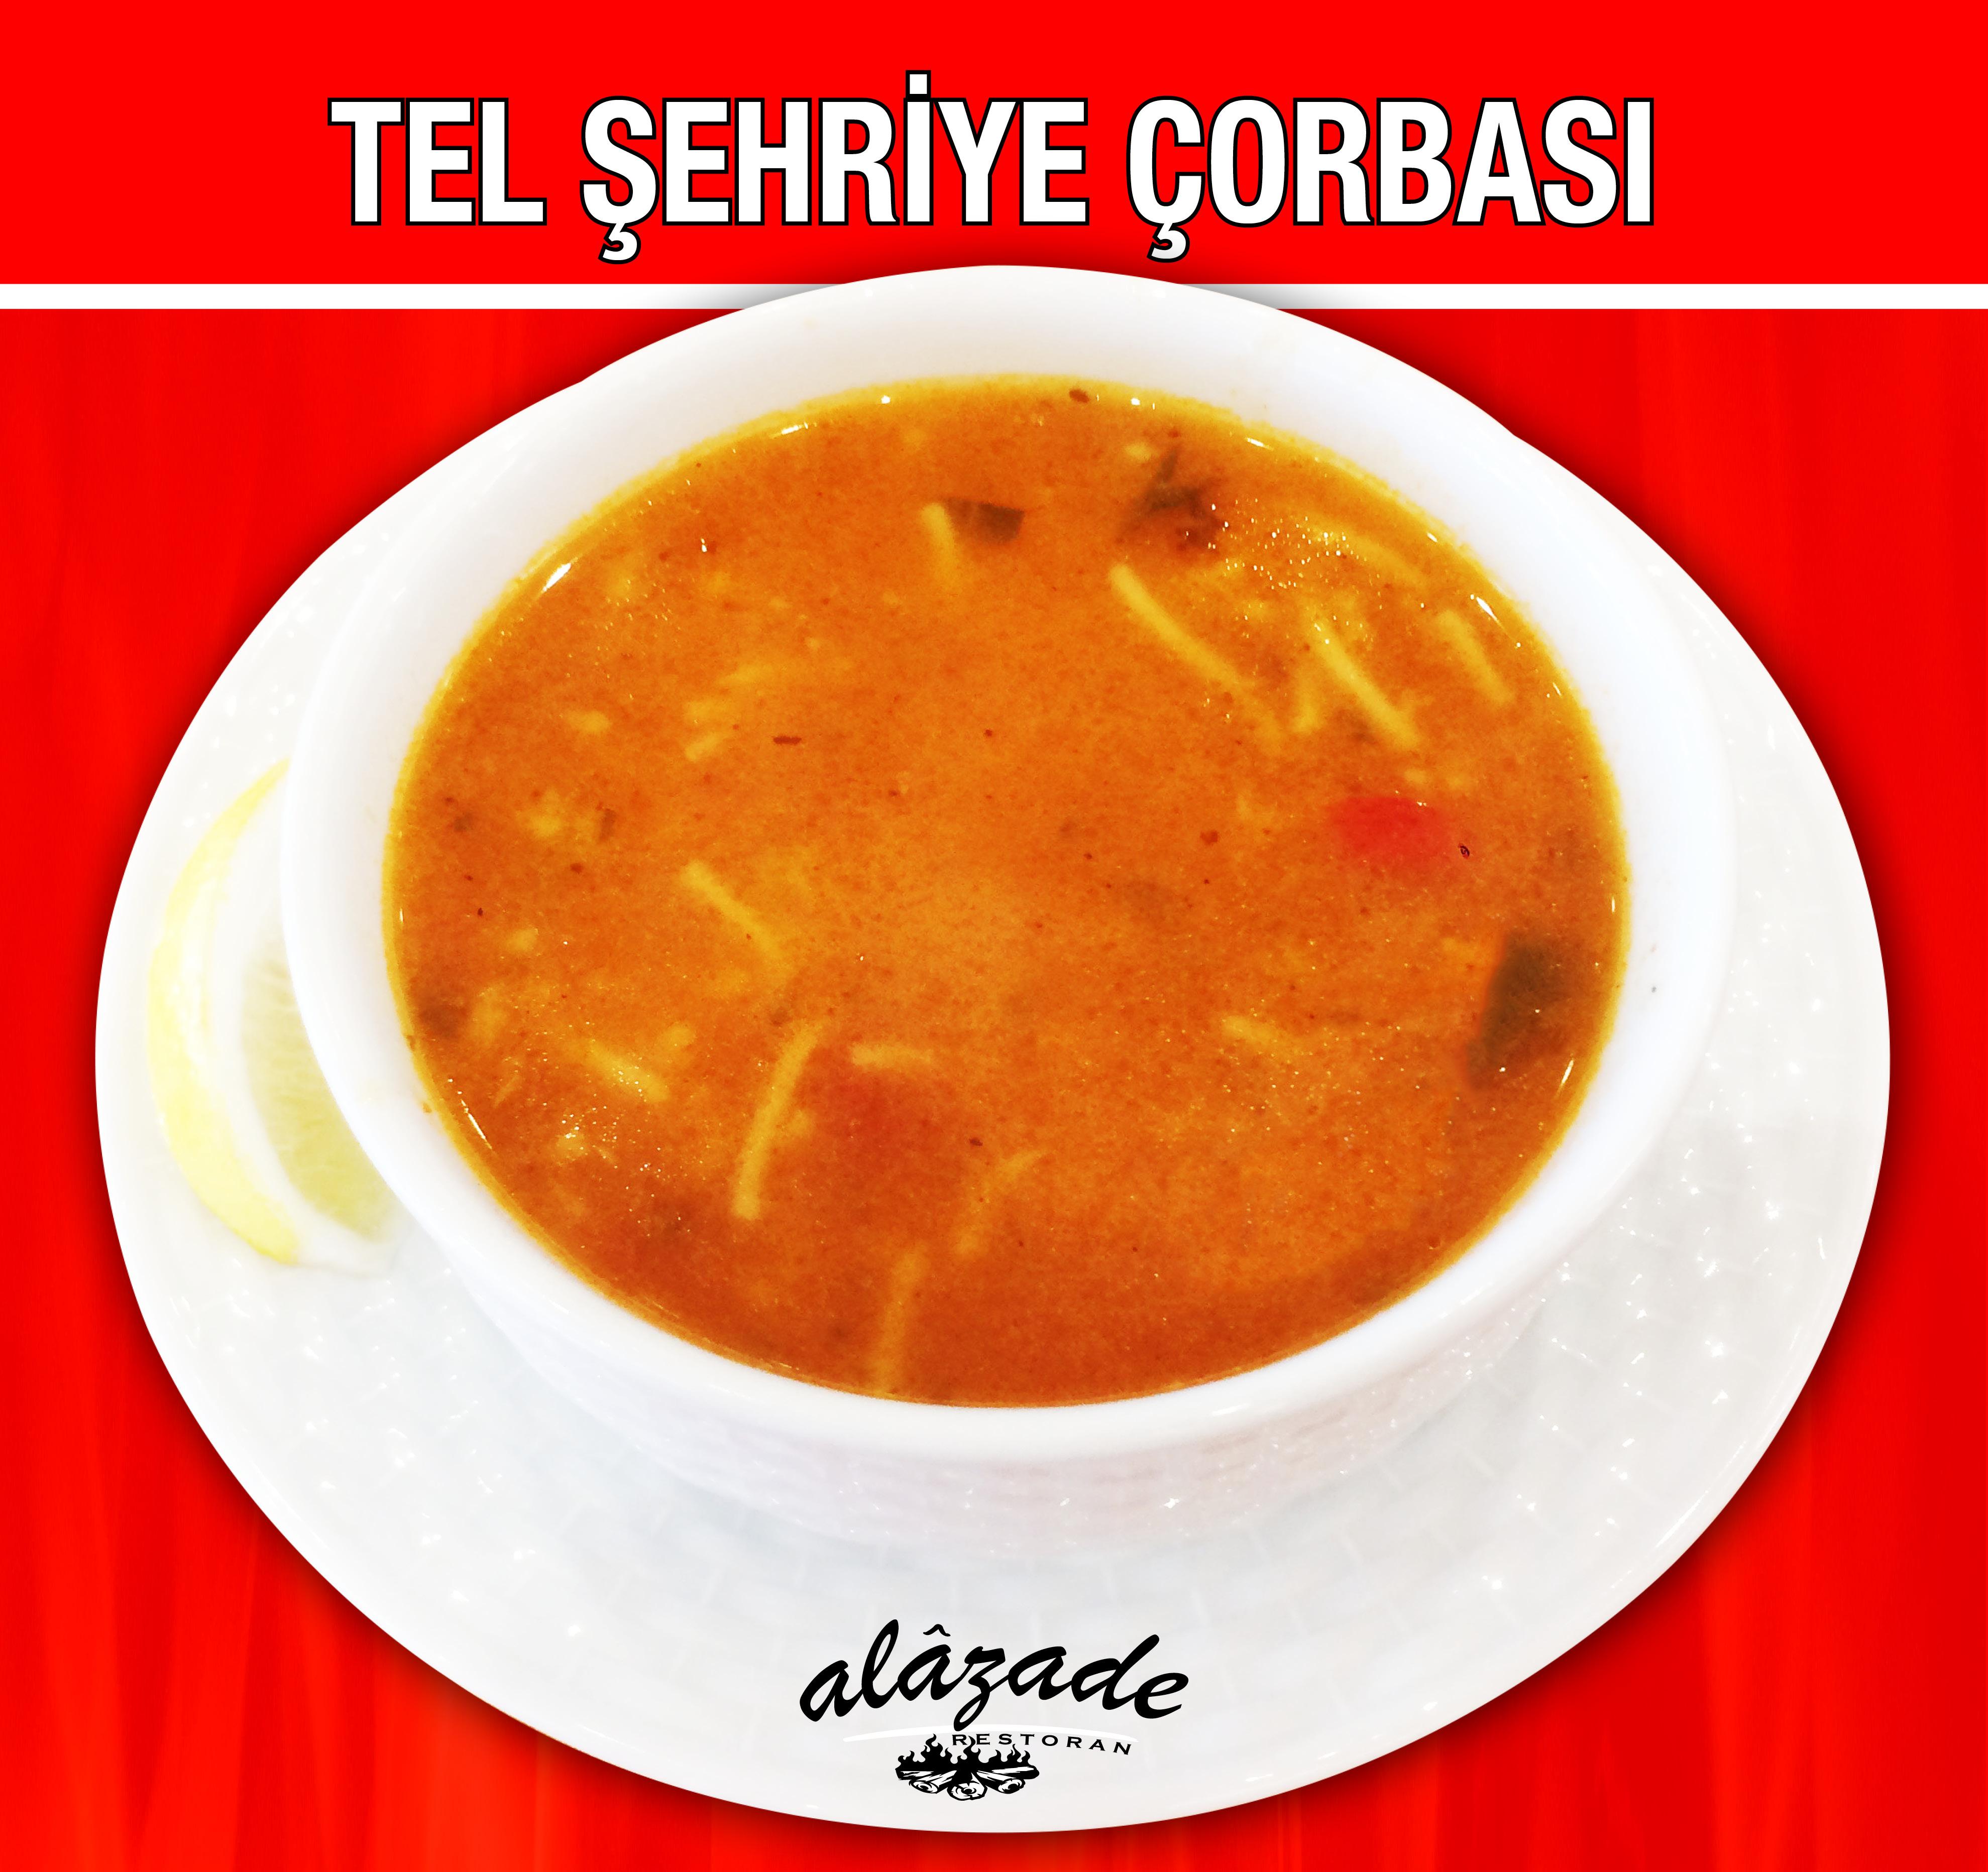 Alazade Restoran Tel Şehriye Çorbası